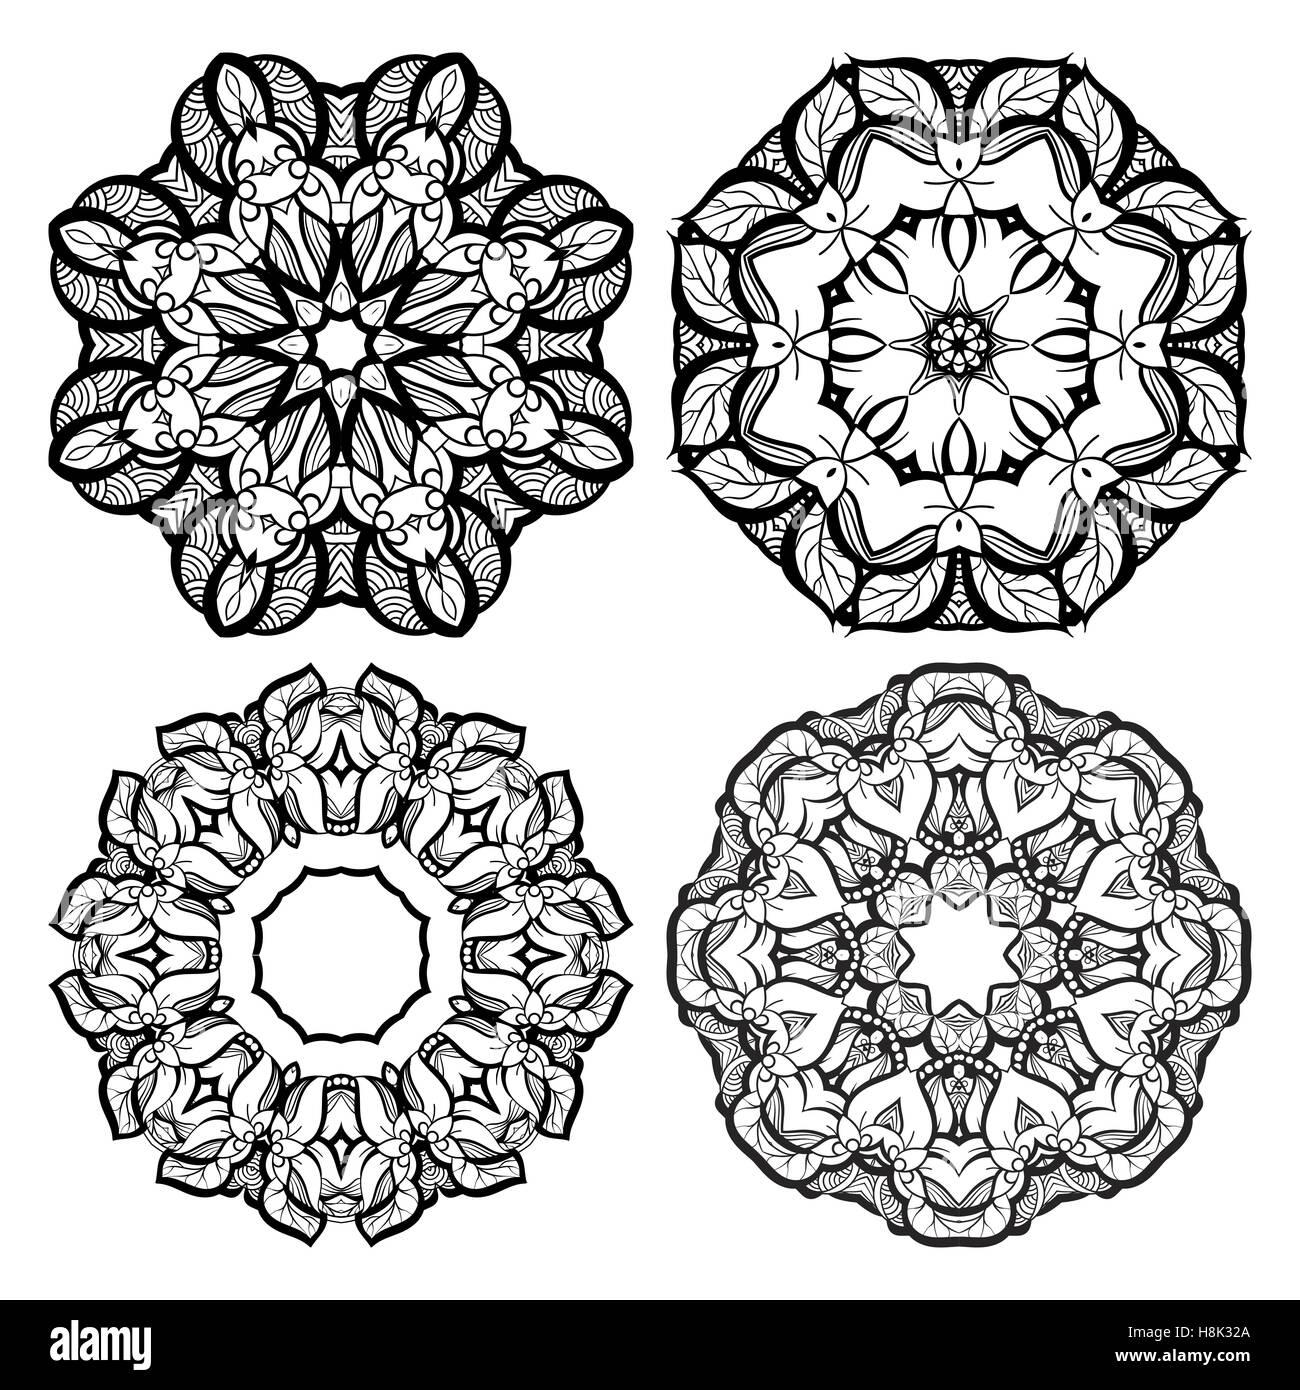 c3f4e5683347d Dibujado a mano elementos ornamentales mehendi y mandala colección. Tatuaje  de henna indio. Diseño decorativo estilo oriental plantil